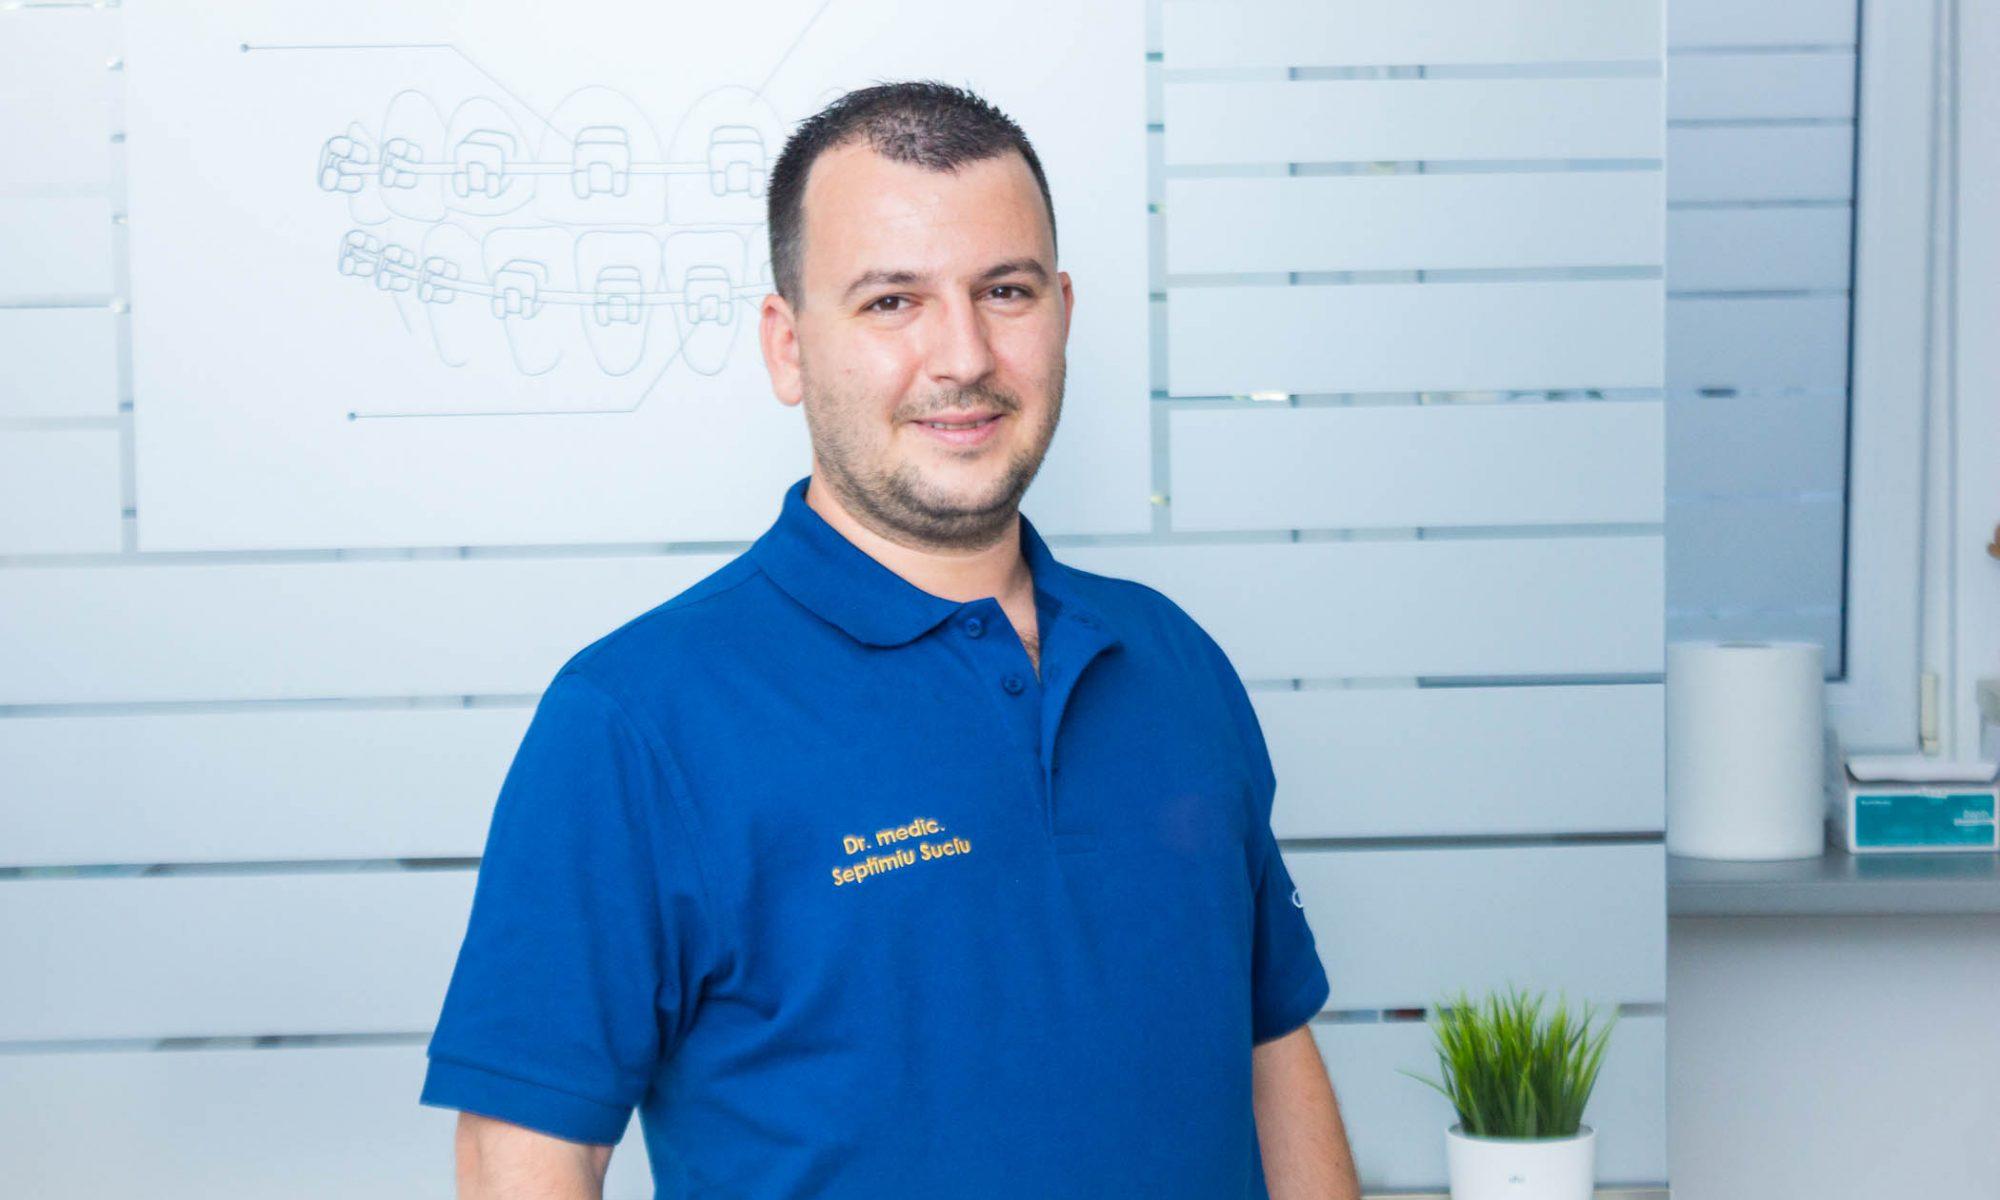 Zahnarztpraxis Dr-medic.Septimiu Suciu in zusammenarbeit mit dem Zahnlabor Laechelfabrik